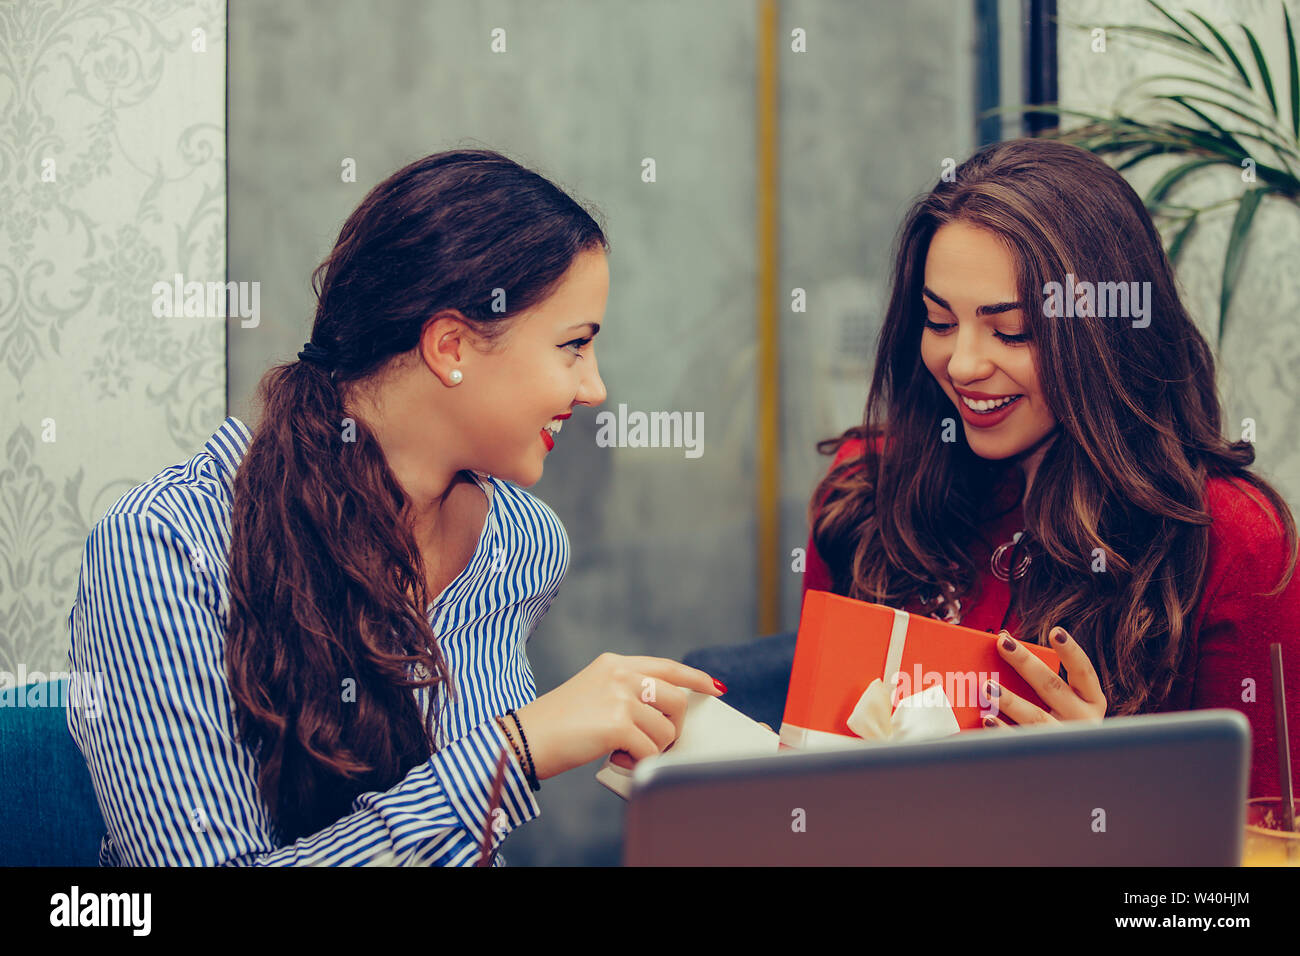 Hermosa joven sentado en el café con su amiga y recibir un regalo. Foto de stock